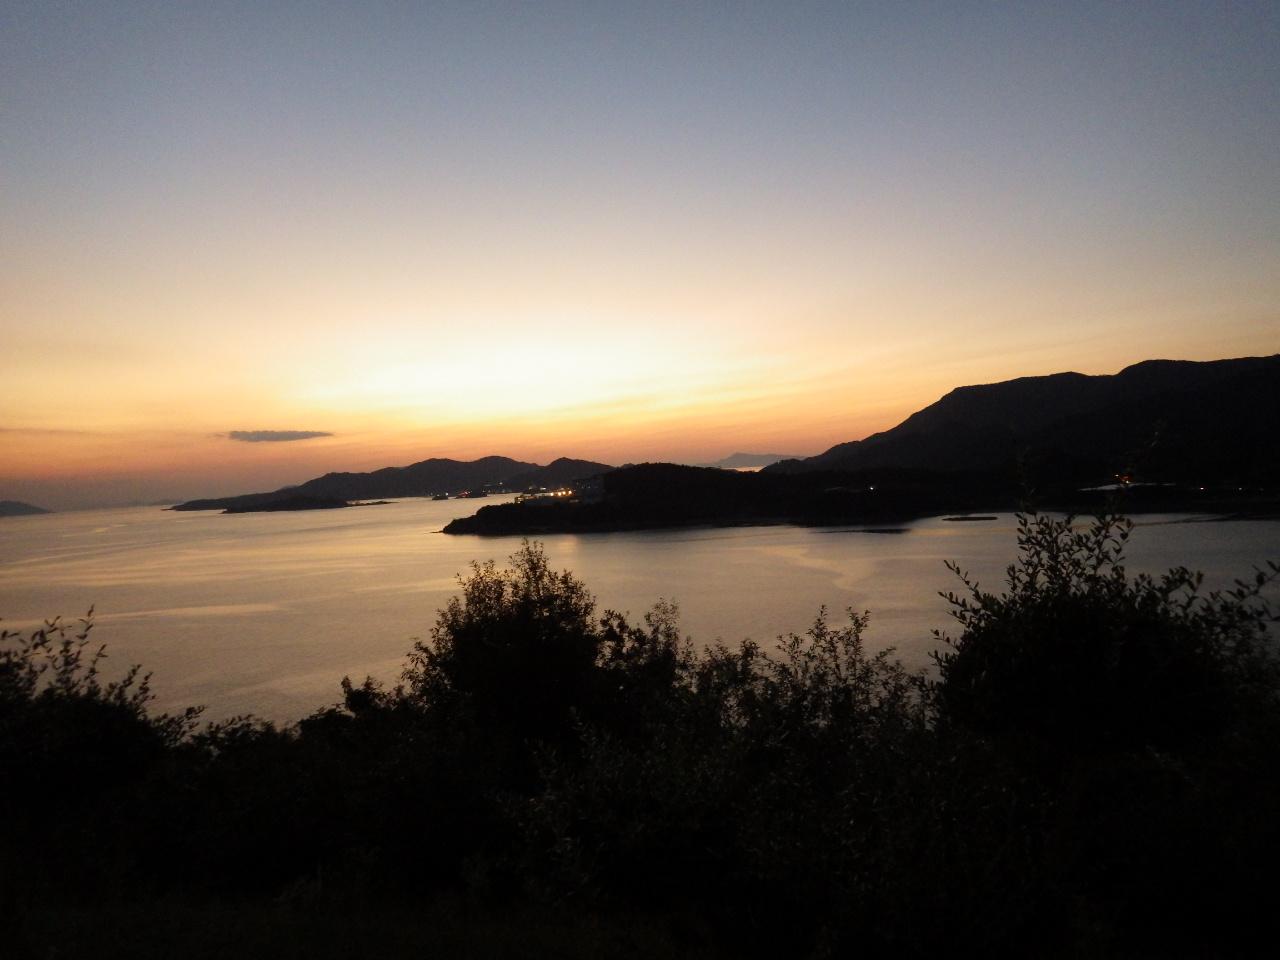 http://www.shonan-ls.co.jp/blog/landscape/img/RIMG0309.JPG